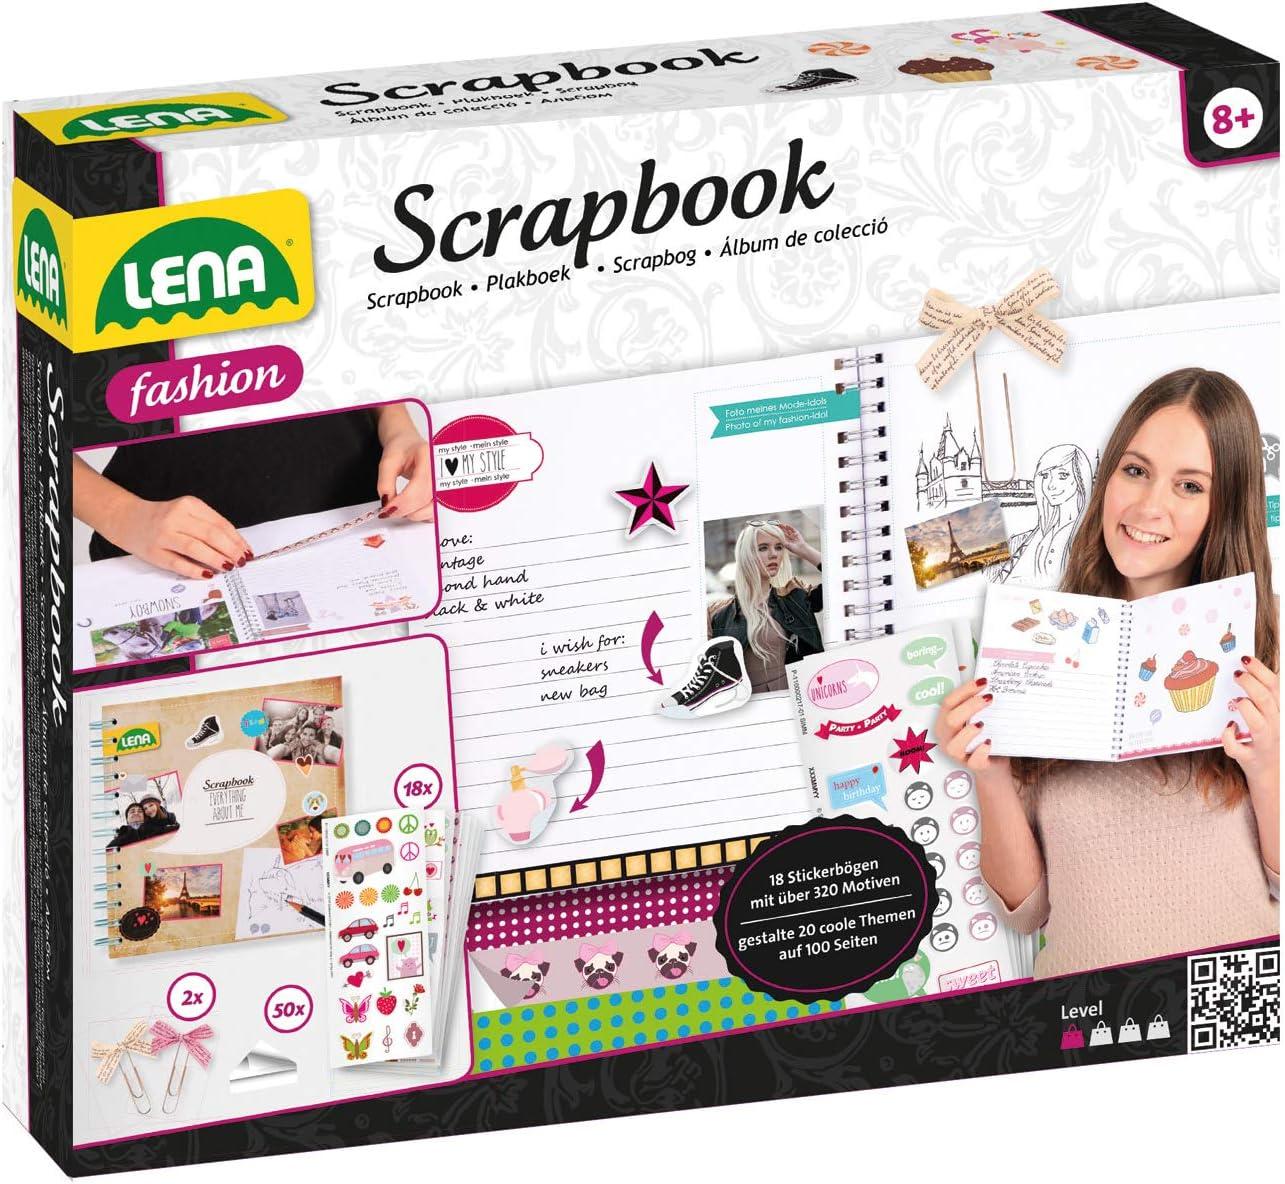 Kit de Loisirs créatifs pour Enfant - Scrapbooking